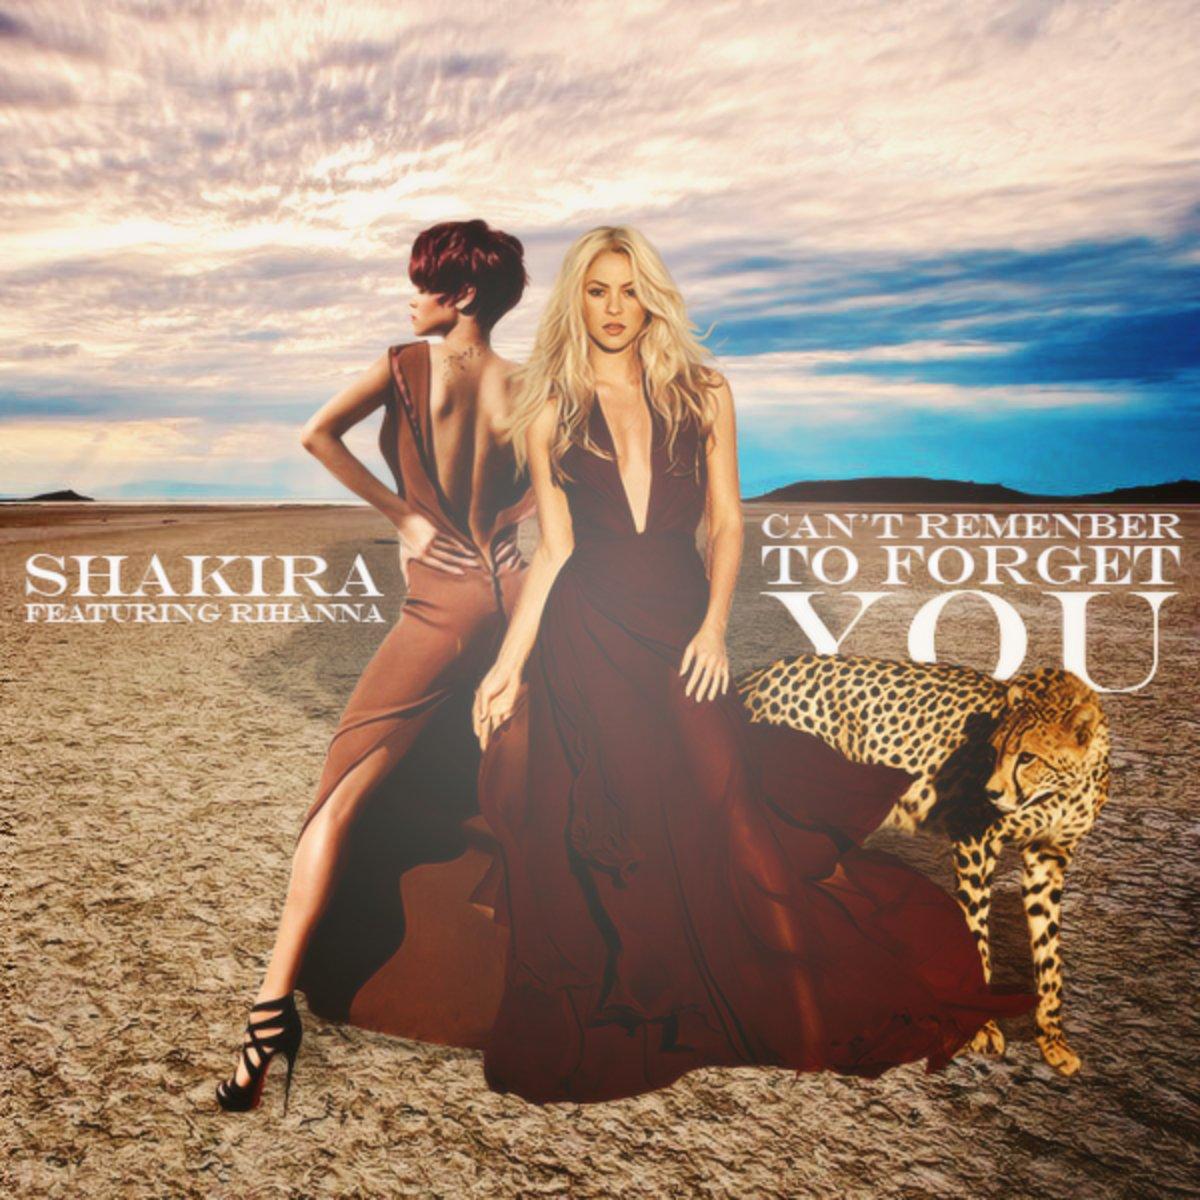 """Foto Rihanna e Shakira: Rihanna e Shakira: Immagini da """"scandalo"""" in Turchia"""